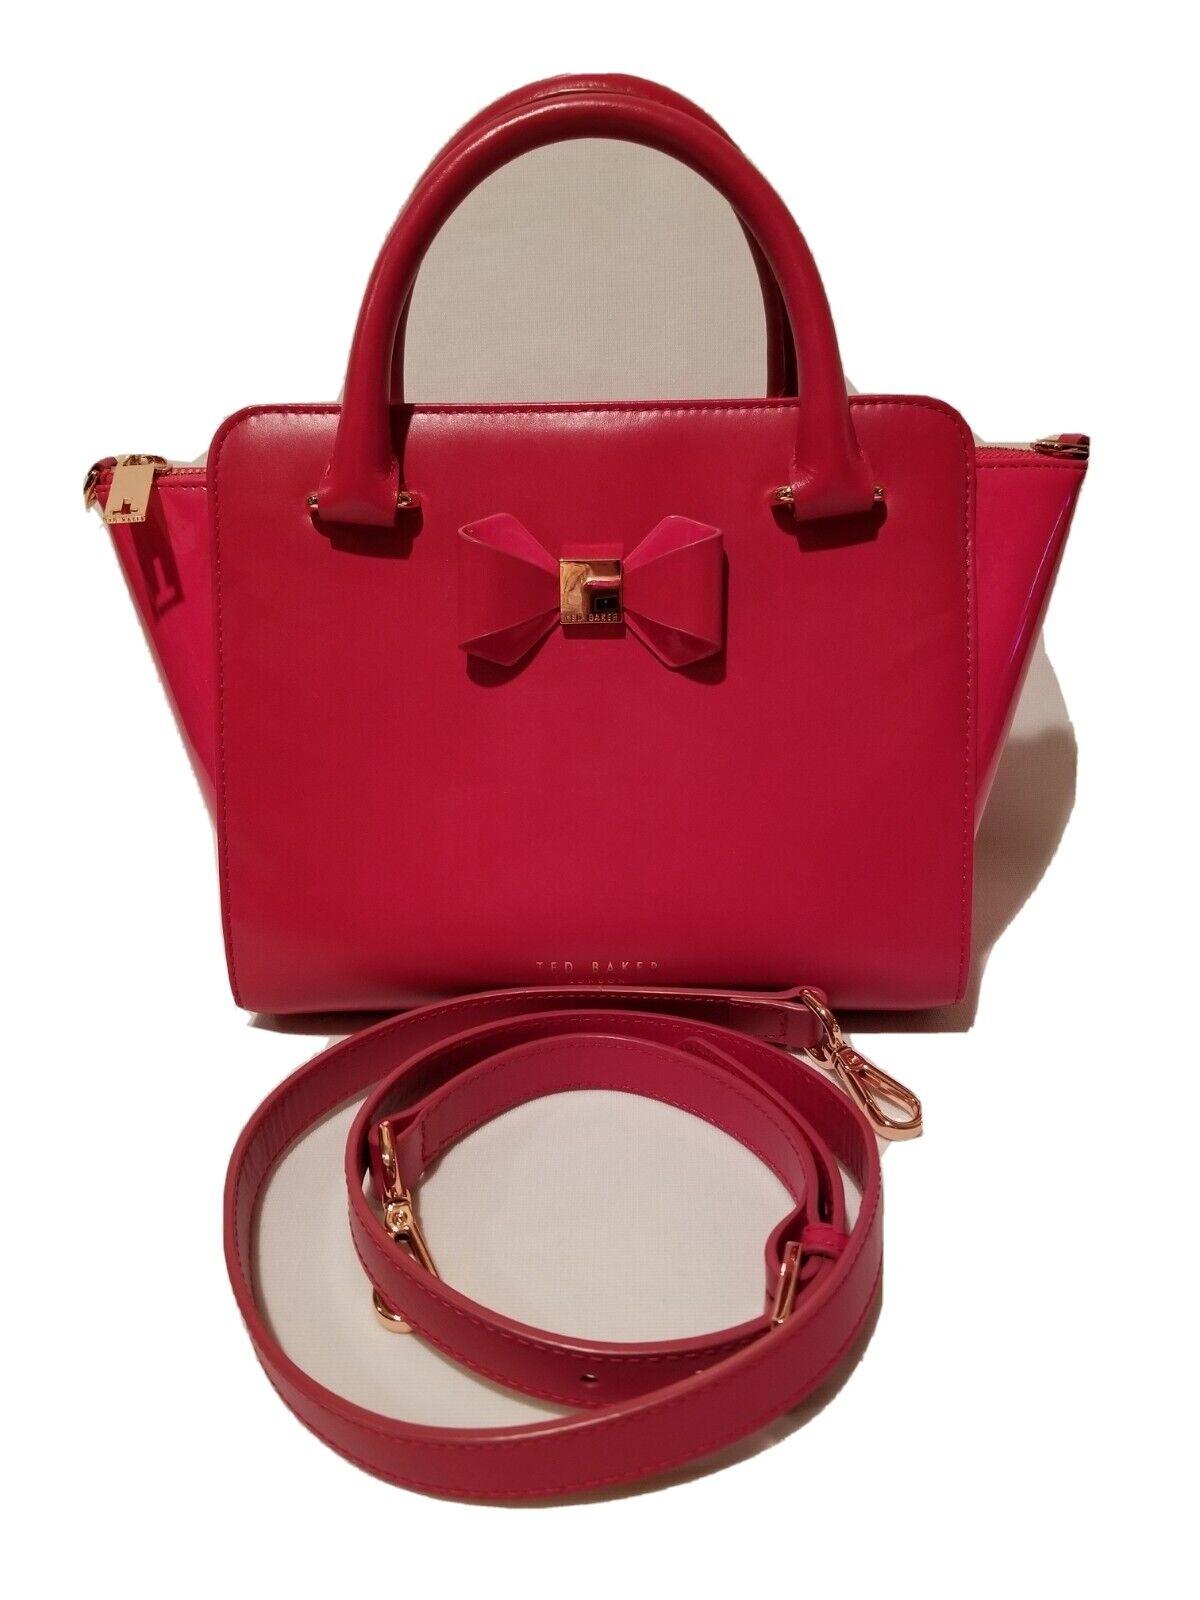 Ted Baker Hot Pink Leather Tote Shoulder Bag Bow Rose Gold Hardware Patent Sides